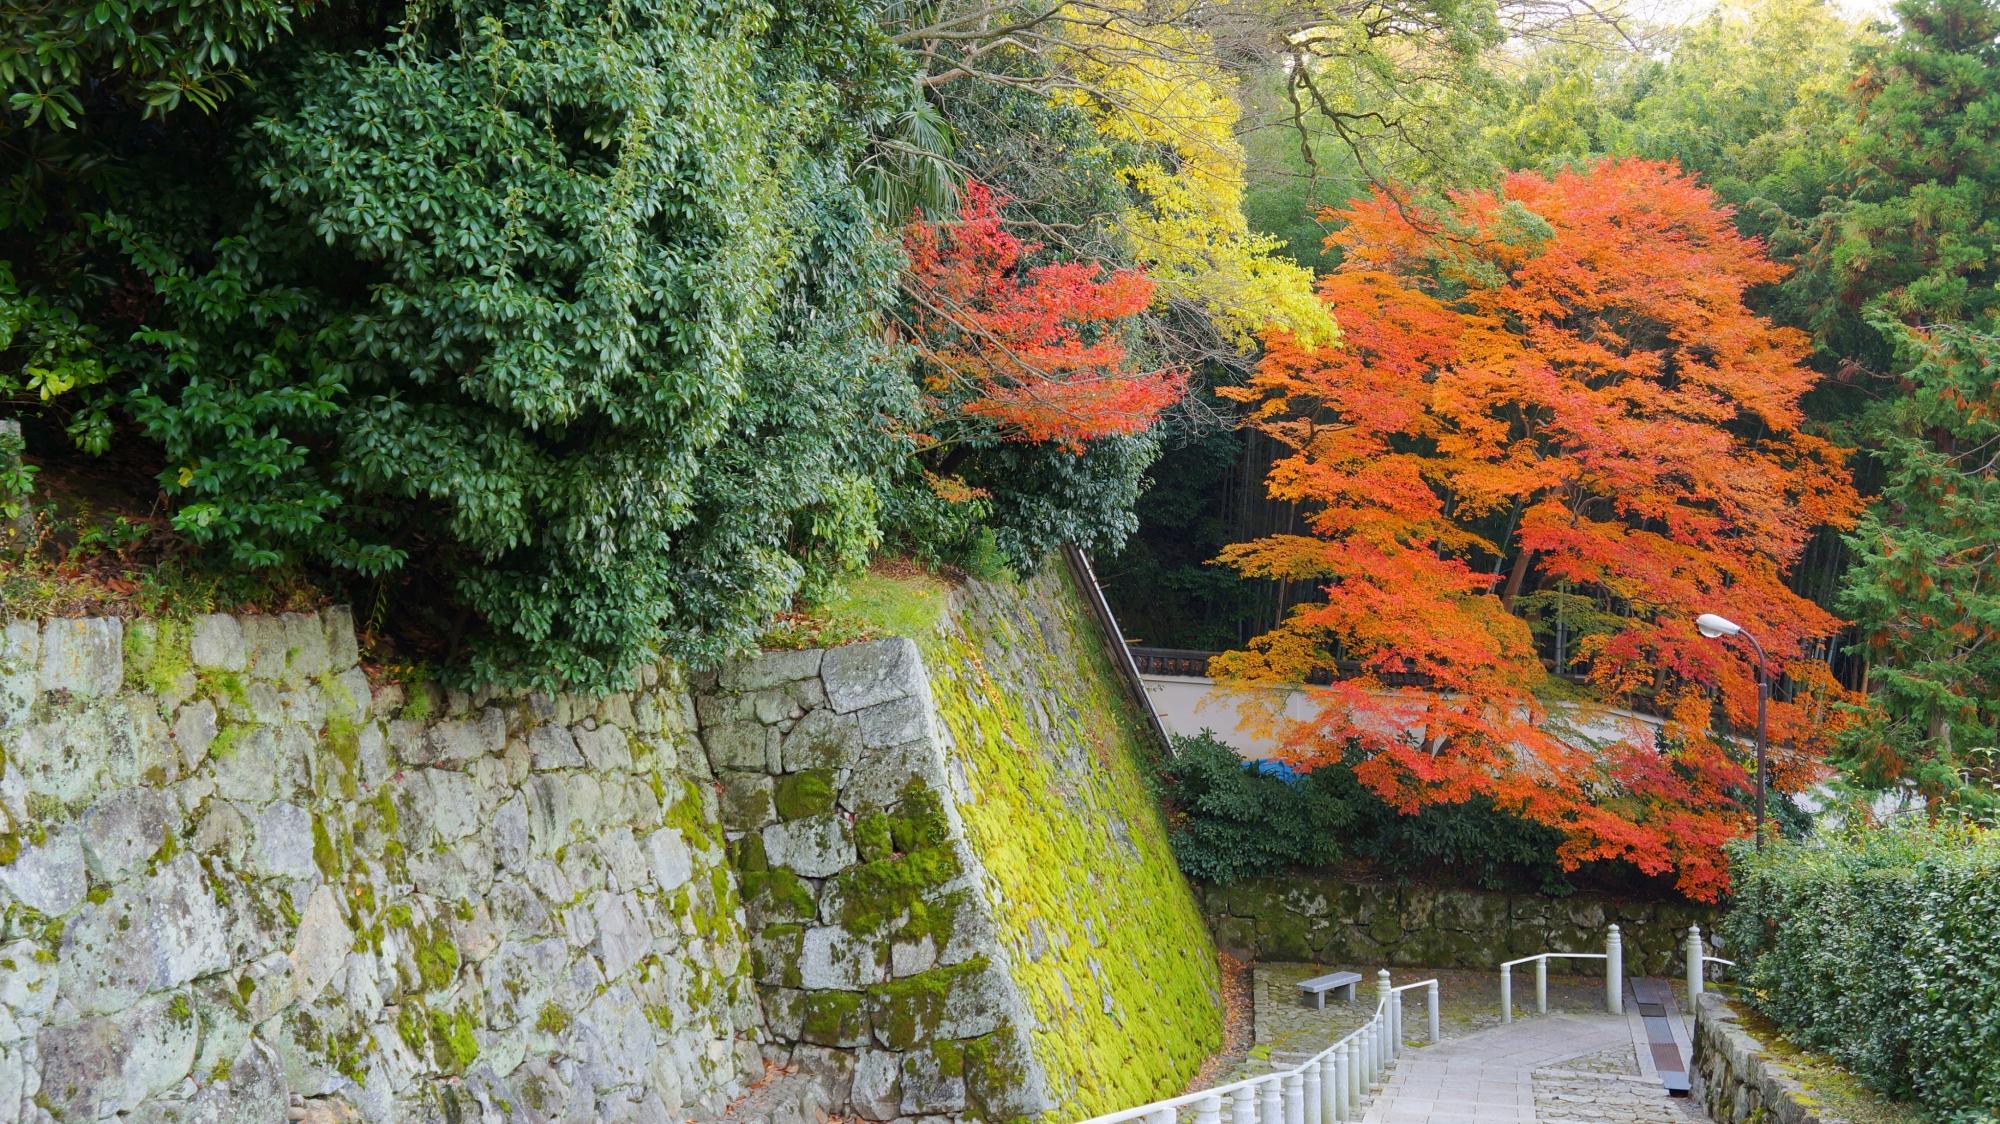 知恩院の黒門坂の下の方の紅葉と石垣の苔